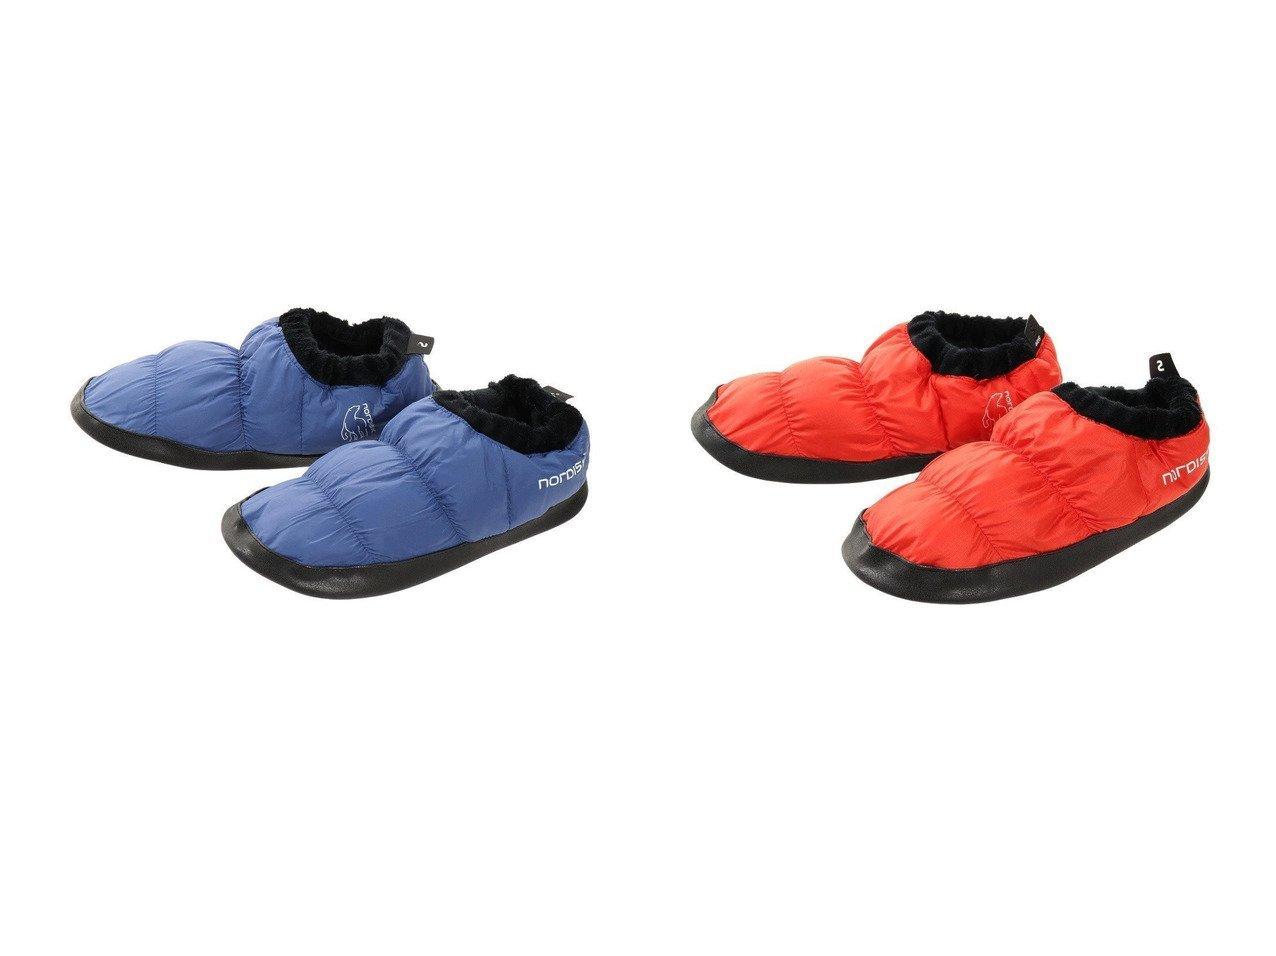 【Nordisk/ノルディスク】のモス ダウン シューズ L.Blue 109060-BLU&モス ダウン シューズ R.Red 109060-RED おすすめ!人気キャンプ・アウトドア用品の通販 おすすめで人気の流行・トレンド、ファッションの通販商品 メンズファッション・キッズファッション・インテリア・家具・レディースファッション・服の通販 founy(ファニー) https://founy.com/ A/W・秋冬 AW・Autumn/Winter・FW・Fall-Winter コンパクト シューズ スリッパ ダウン リラックス 軽量 ホーム・キャンプ・アウトドア Home,Garden,Outdoor,Camping Gear キャンプ用品・アウトドア  Camping Gear & Outdoor Supplies その他 雑貨 小物 Camping Tools |ID:crp329100000037433